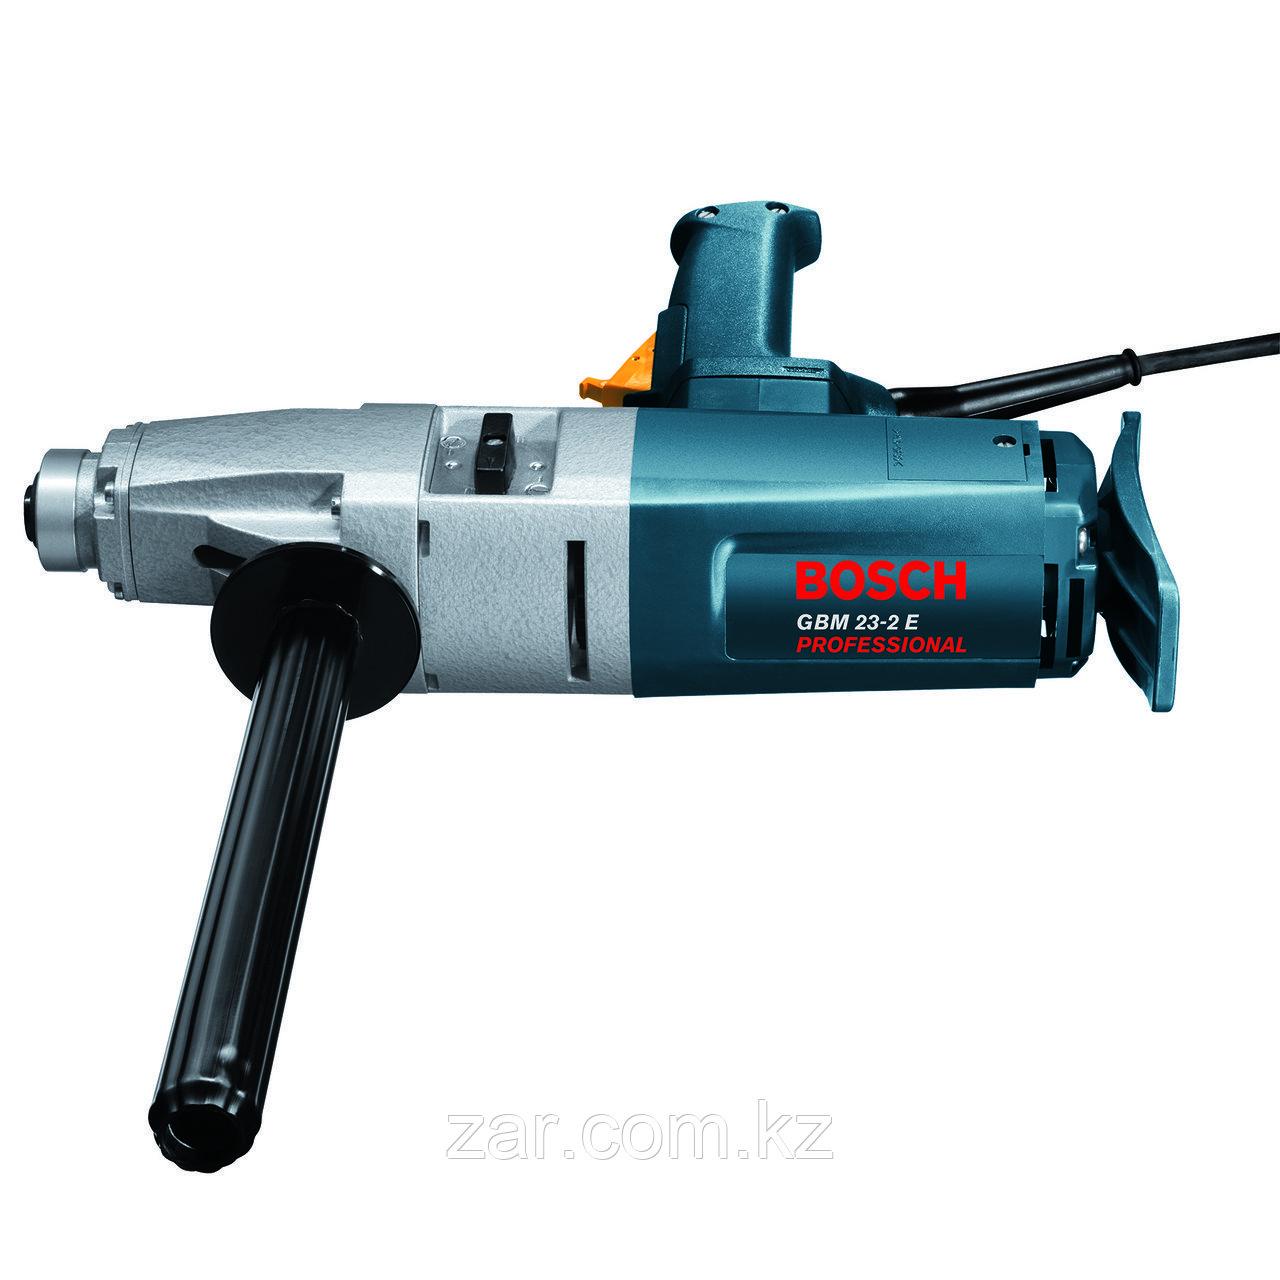 Дрель Bosch GBM 23-2 E 0601121608